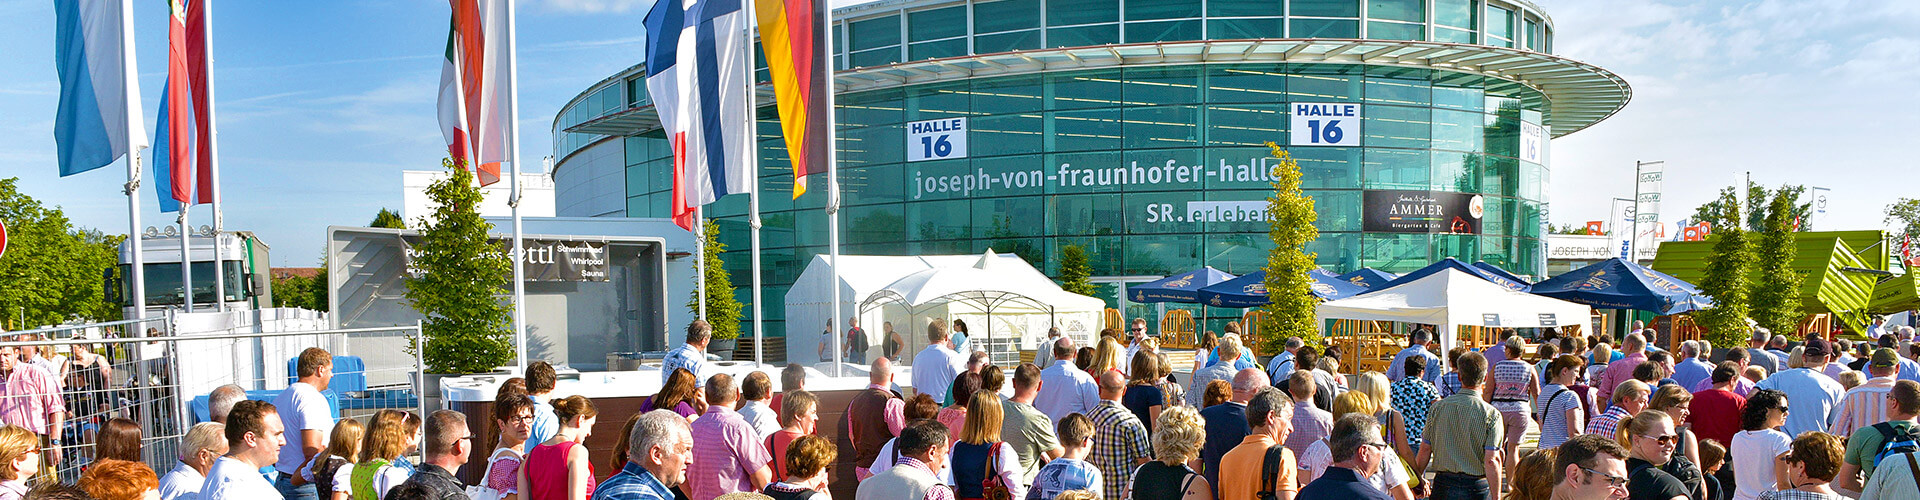 Ostbayernschau Header Bild